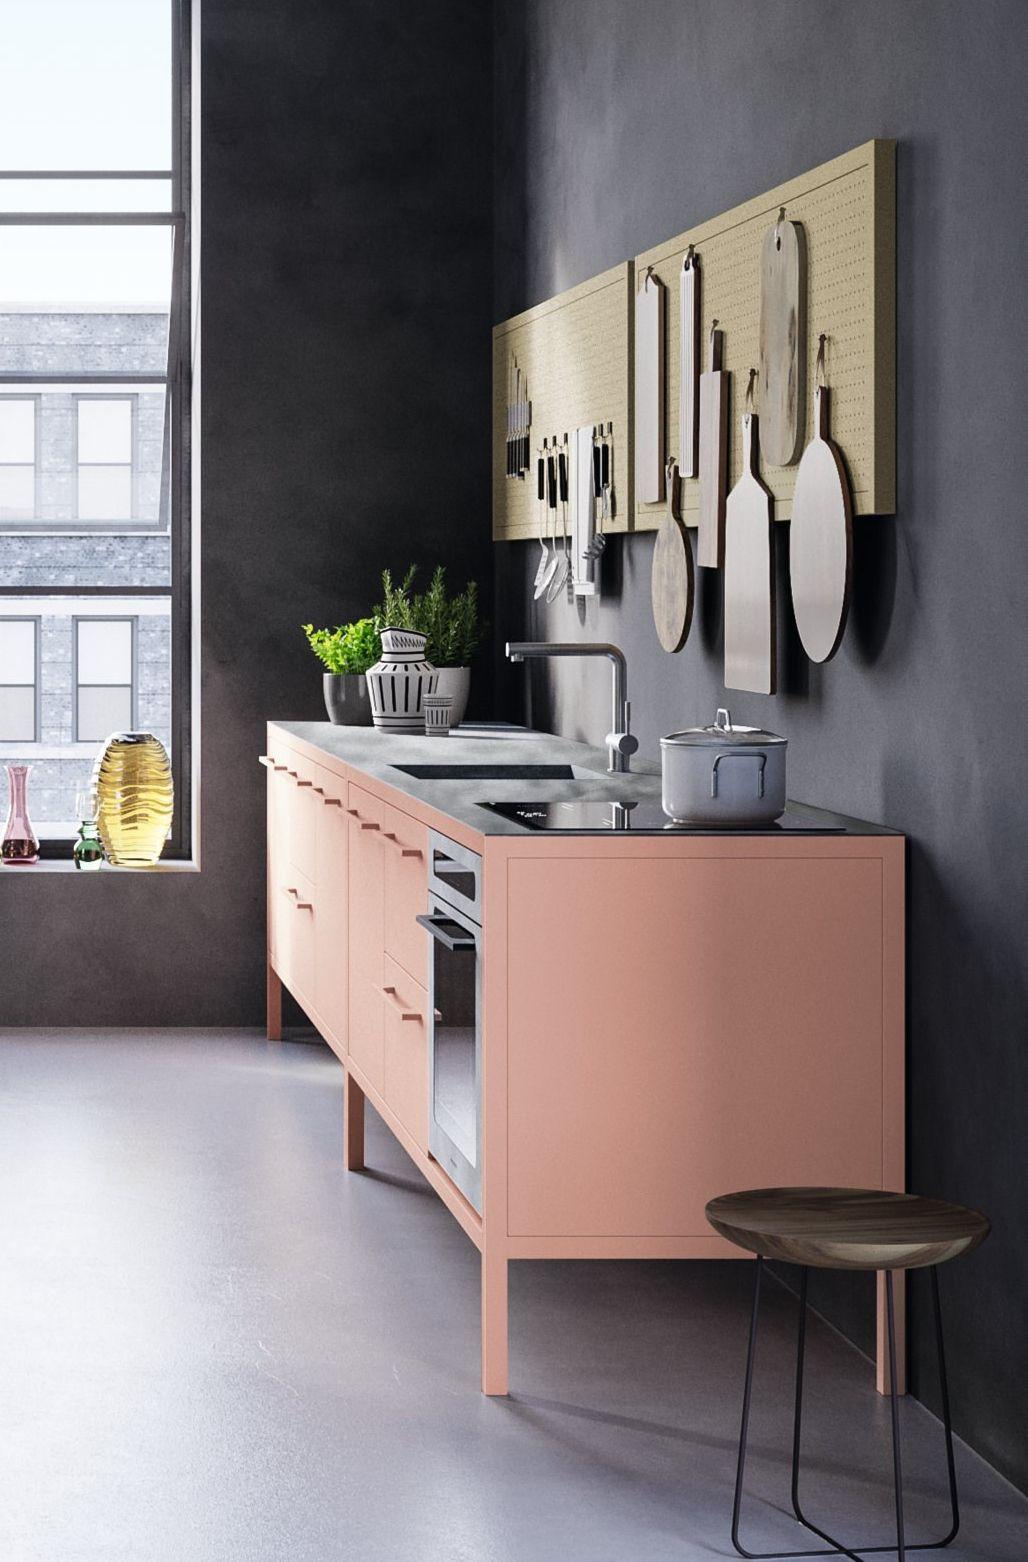 Frame Metal Mini Kitchen Black Kitchen Decor Modern Kitchen Kitchen Cabinet Accessories